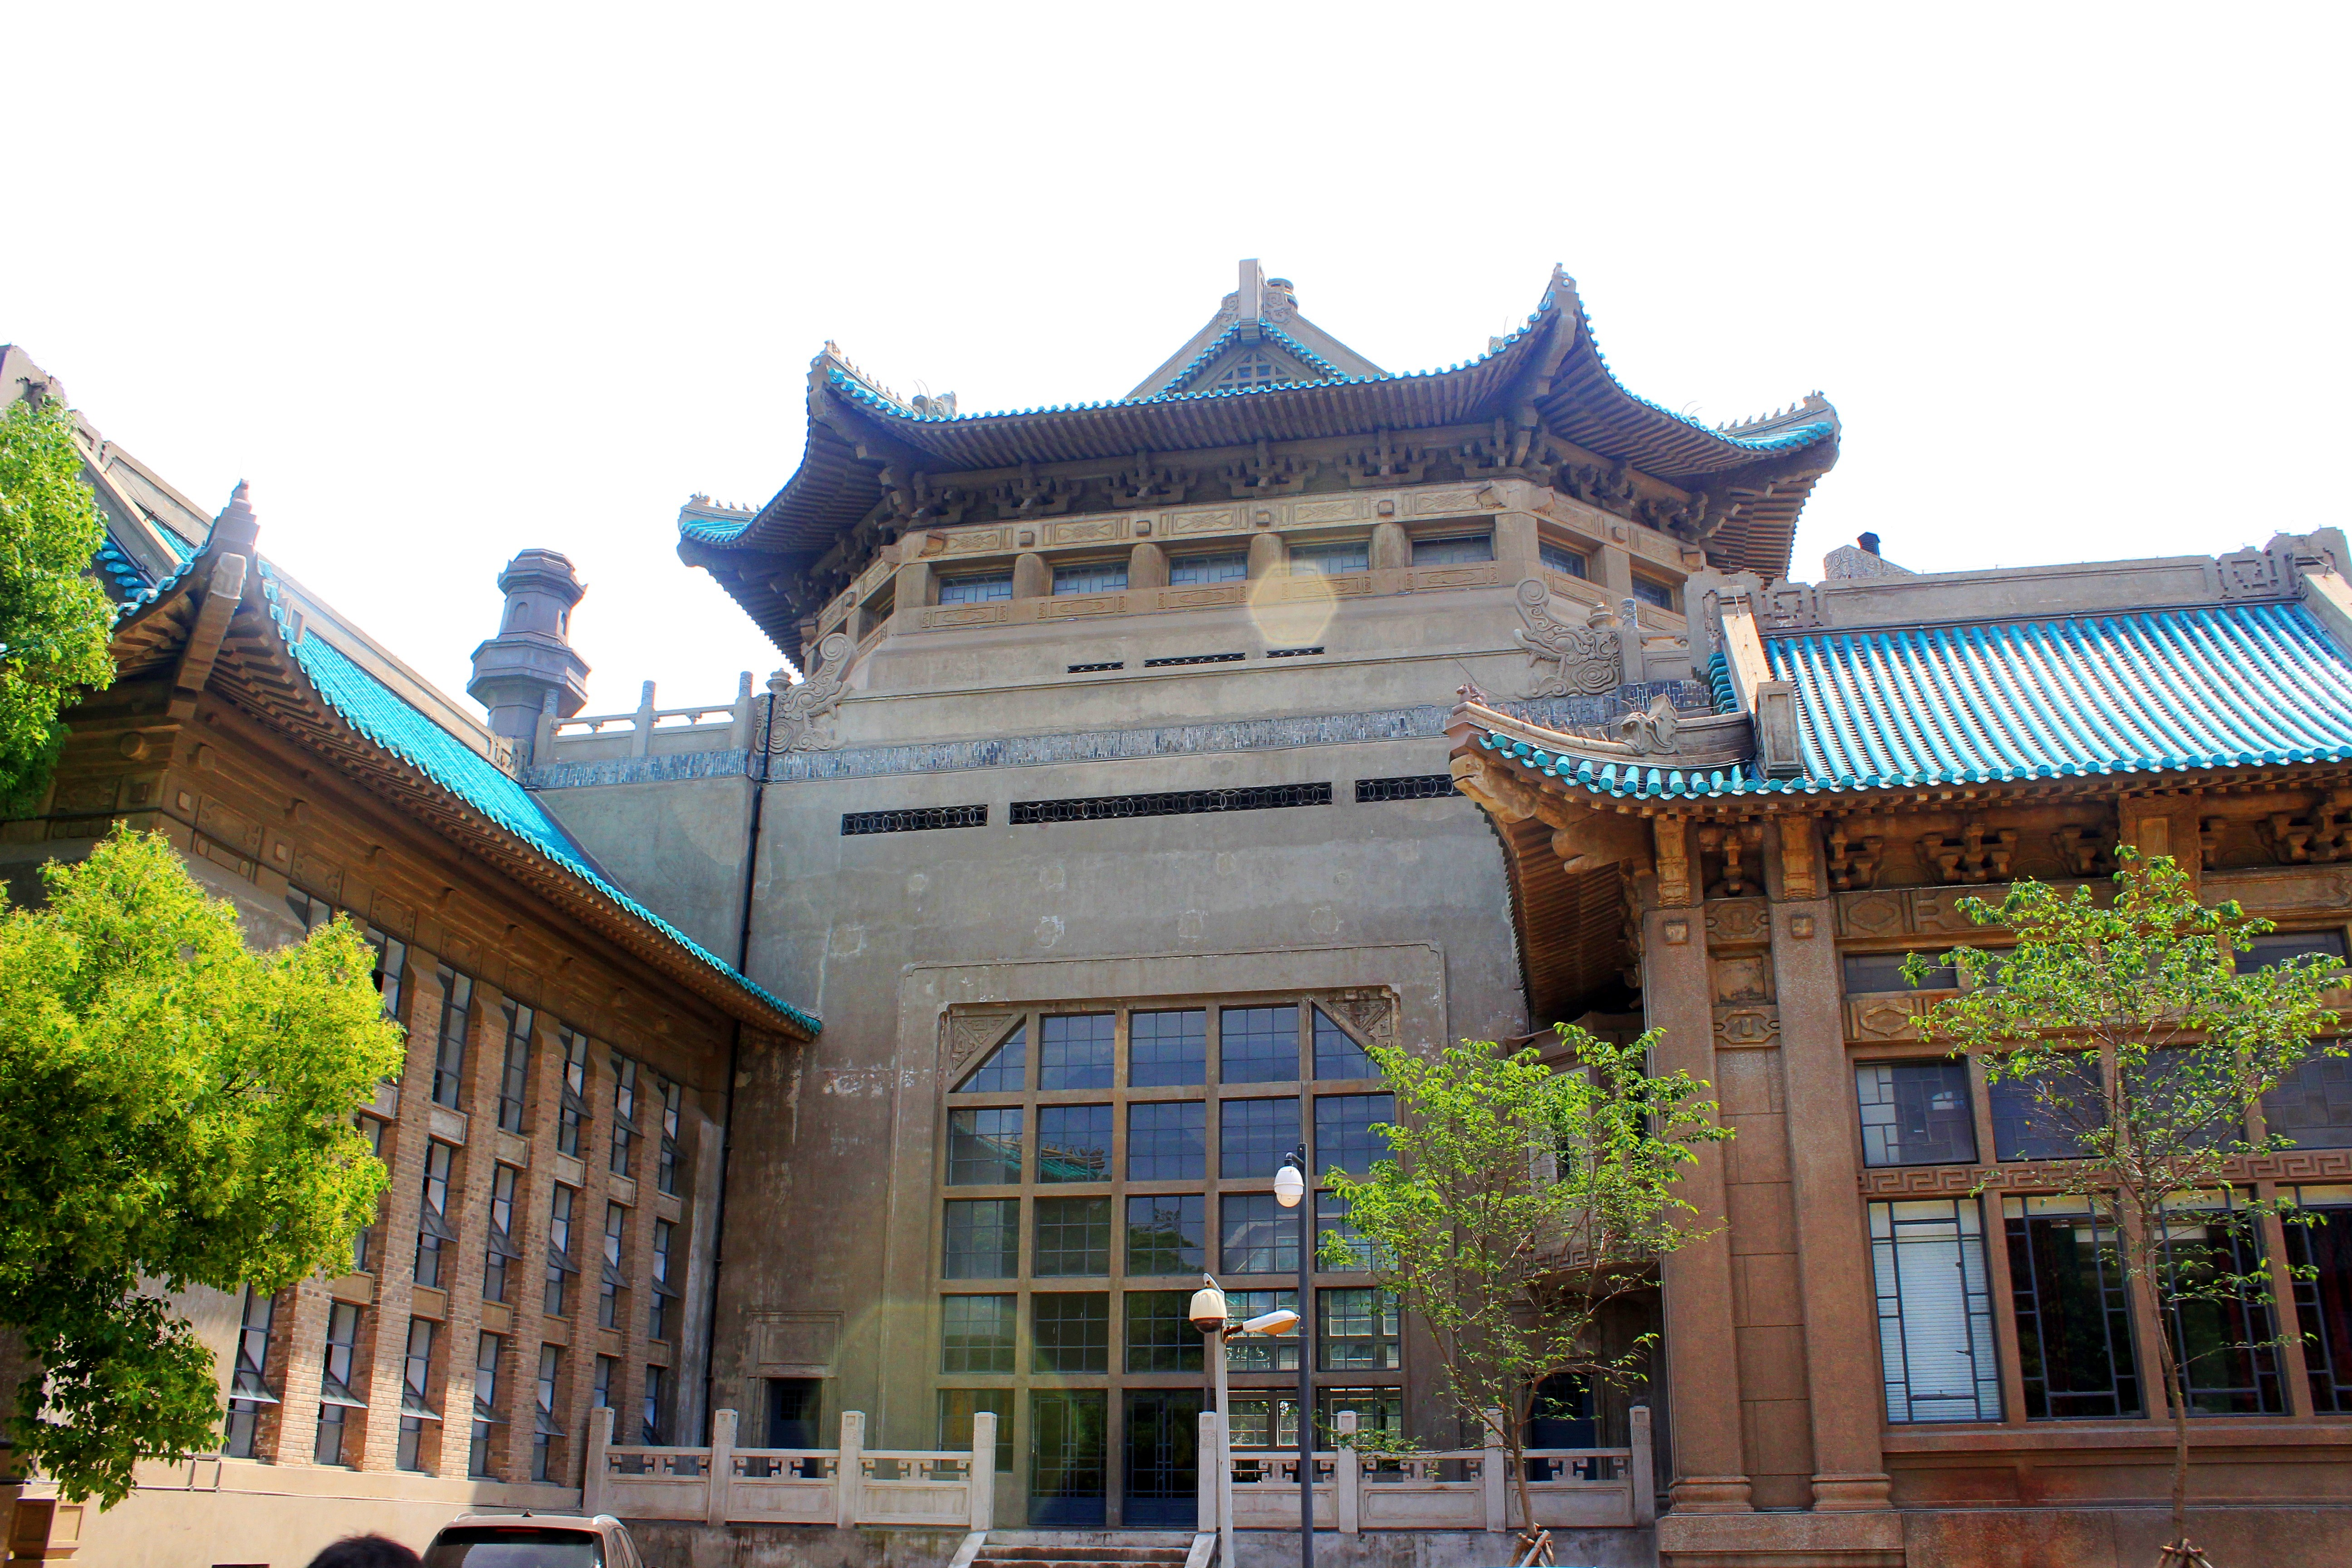 武汉大学非常漂亮,从闻名全国的经典大门进去,就是一个大广场,走过